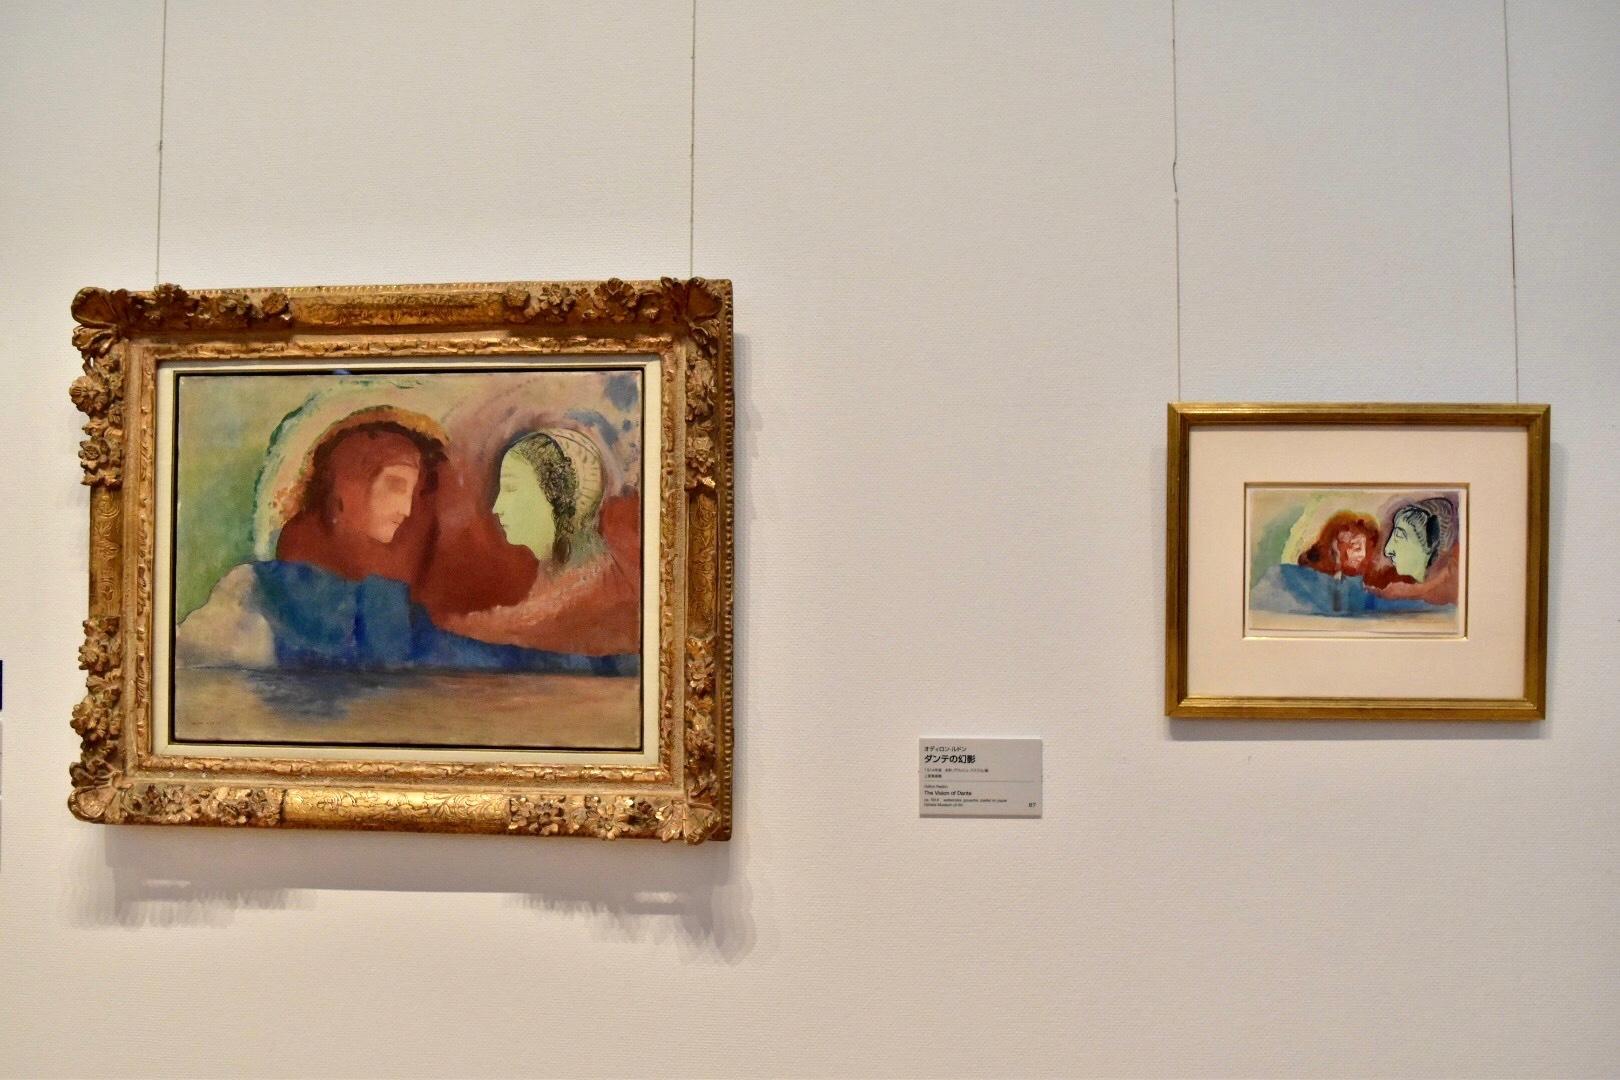 左:オディロン・ルドン 《ダンテとベアトリーチェ》1914年頃 上原美術館 右:オディロン・ルドン 《ダンテの幻影》1914年頃 上原美術館